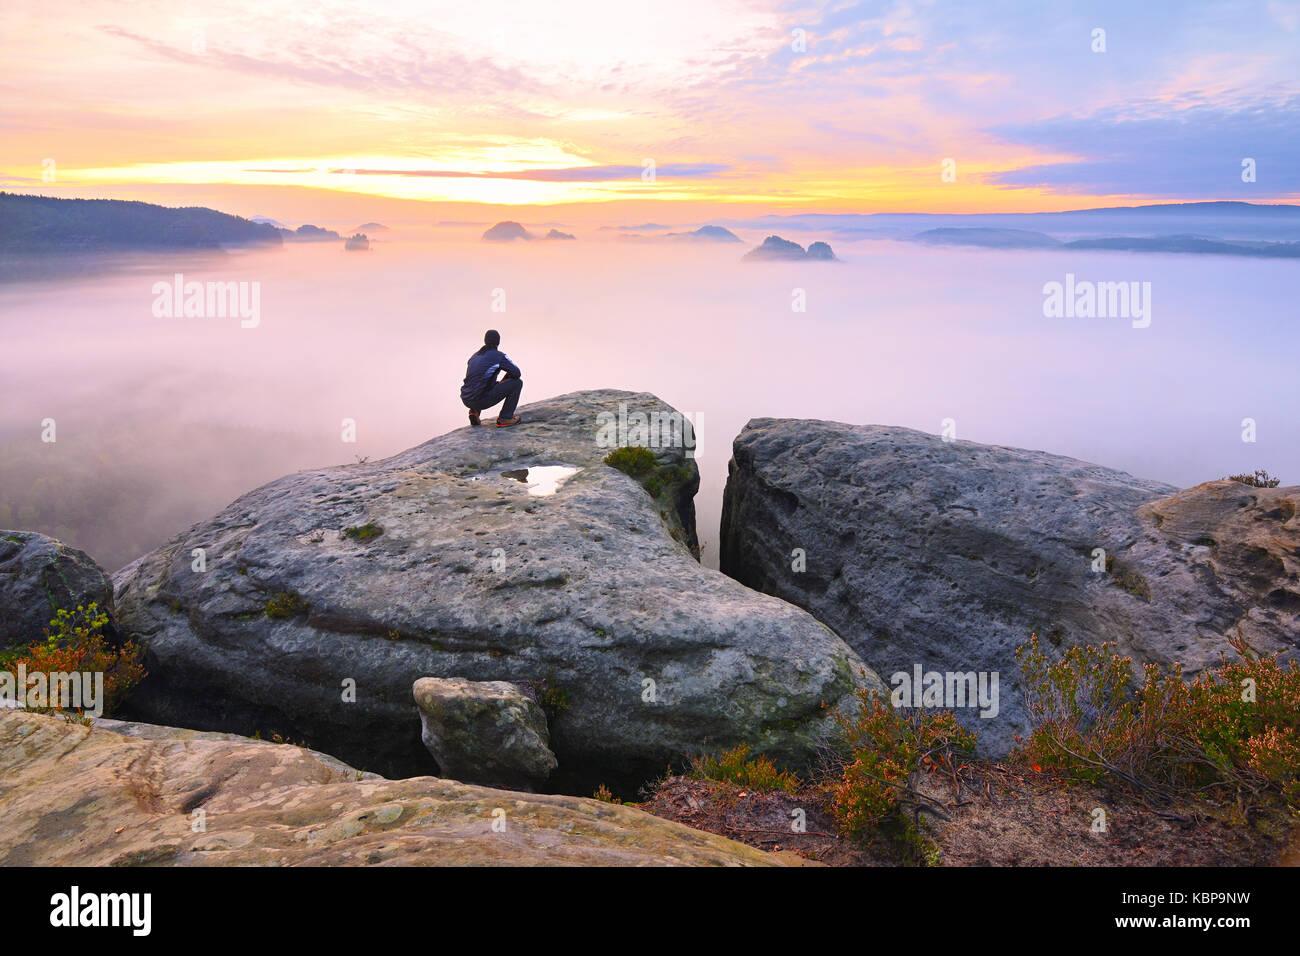 Sharp posteriore silhouette uomo sul picco roccioso. soddisfare escursionista godono di vista. alto uomo sulla scogliera Immagini Stock